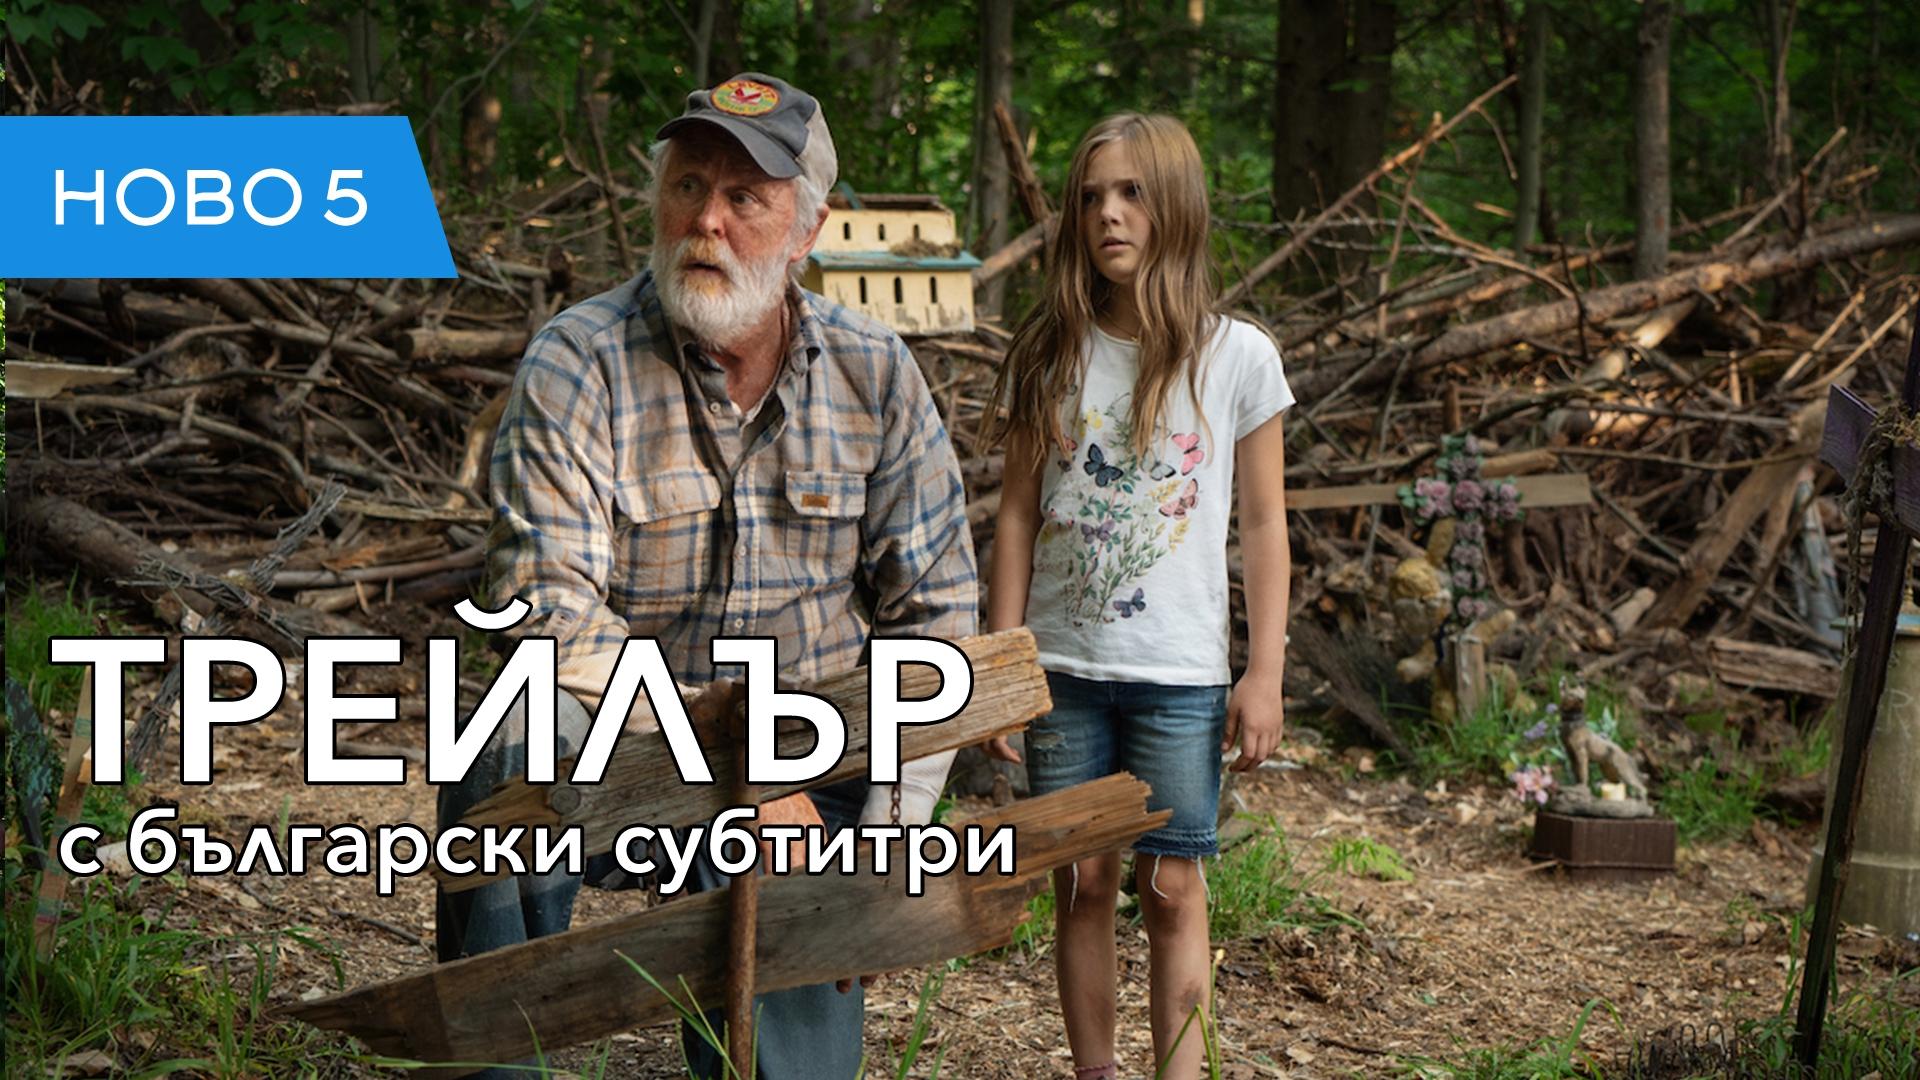 Гробище за домашни любимци (2019) първи трейлър с български субтитри